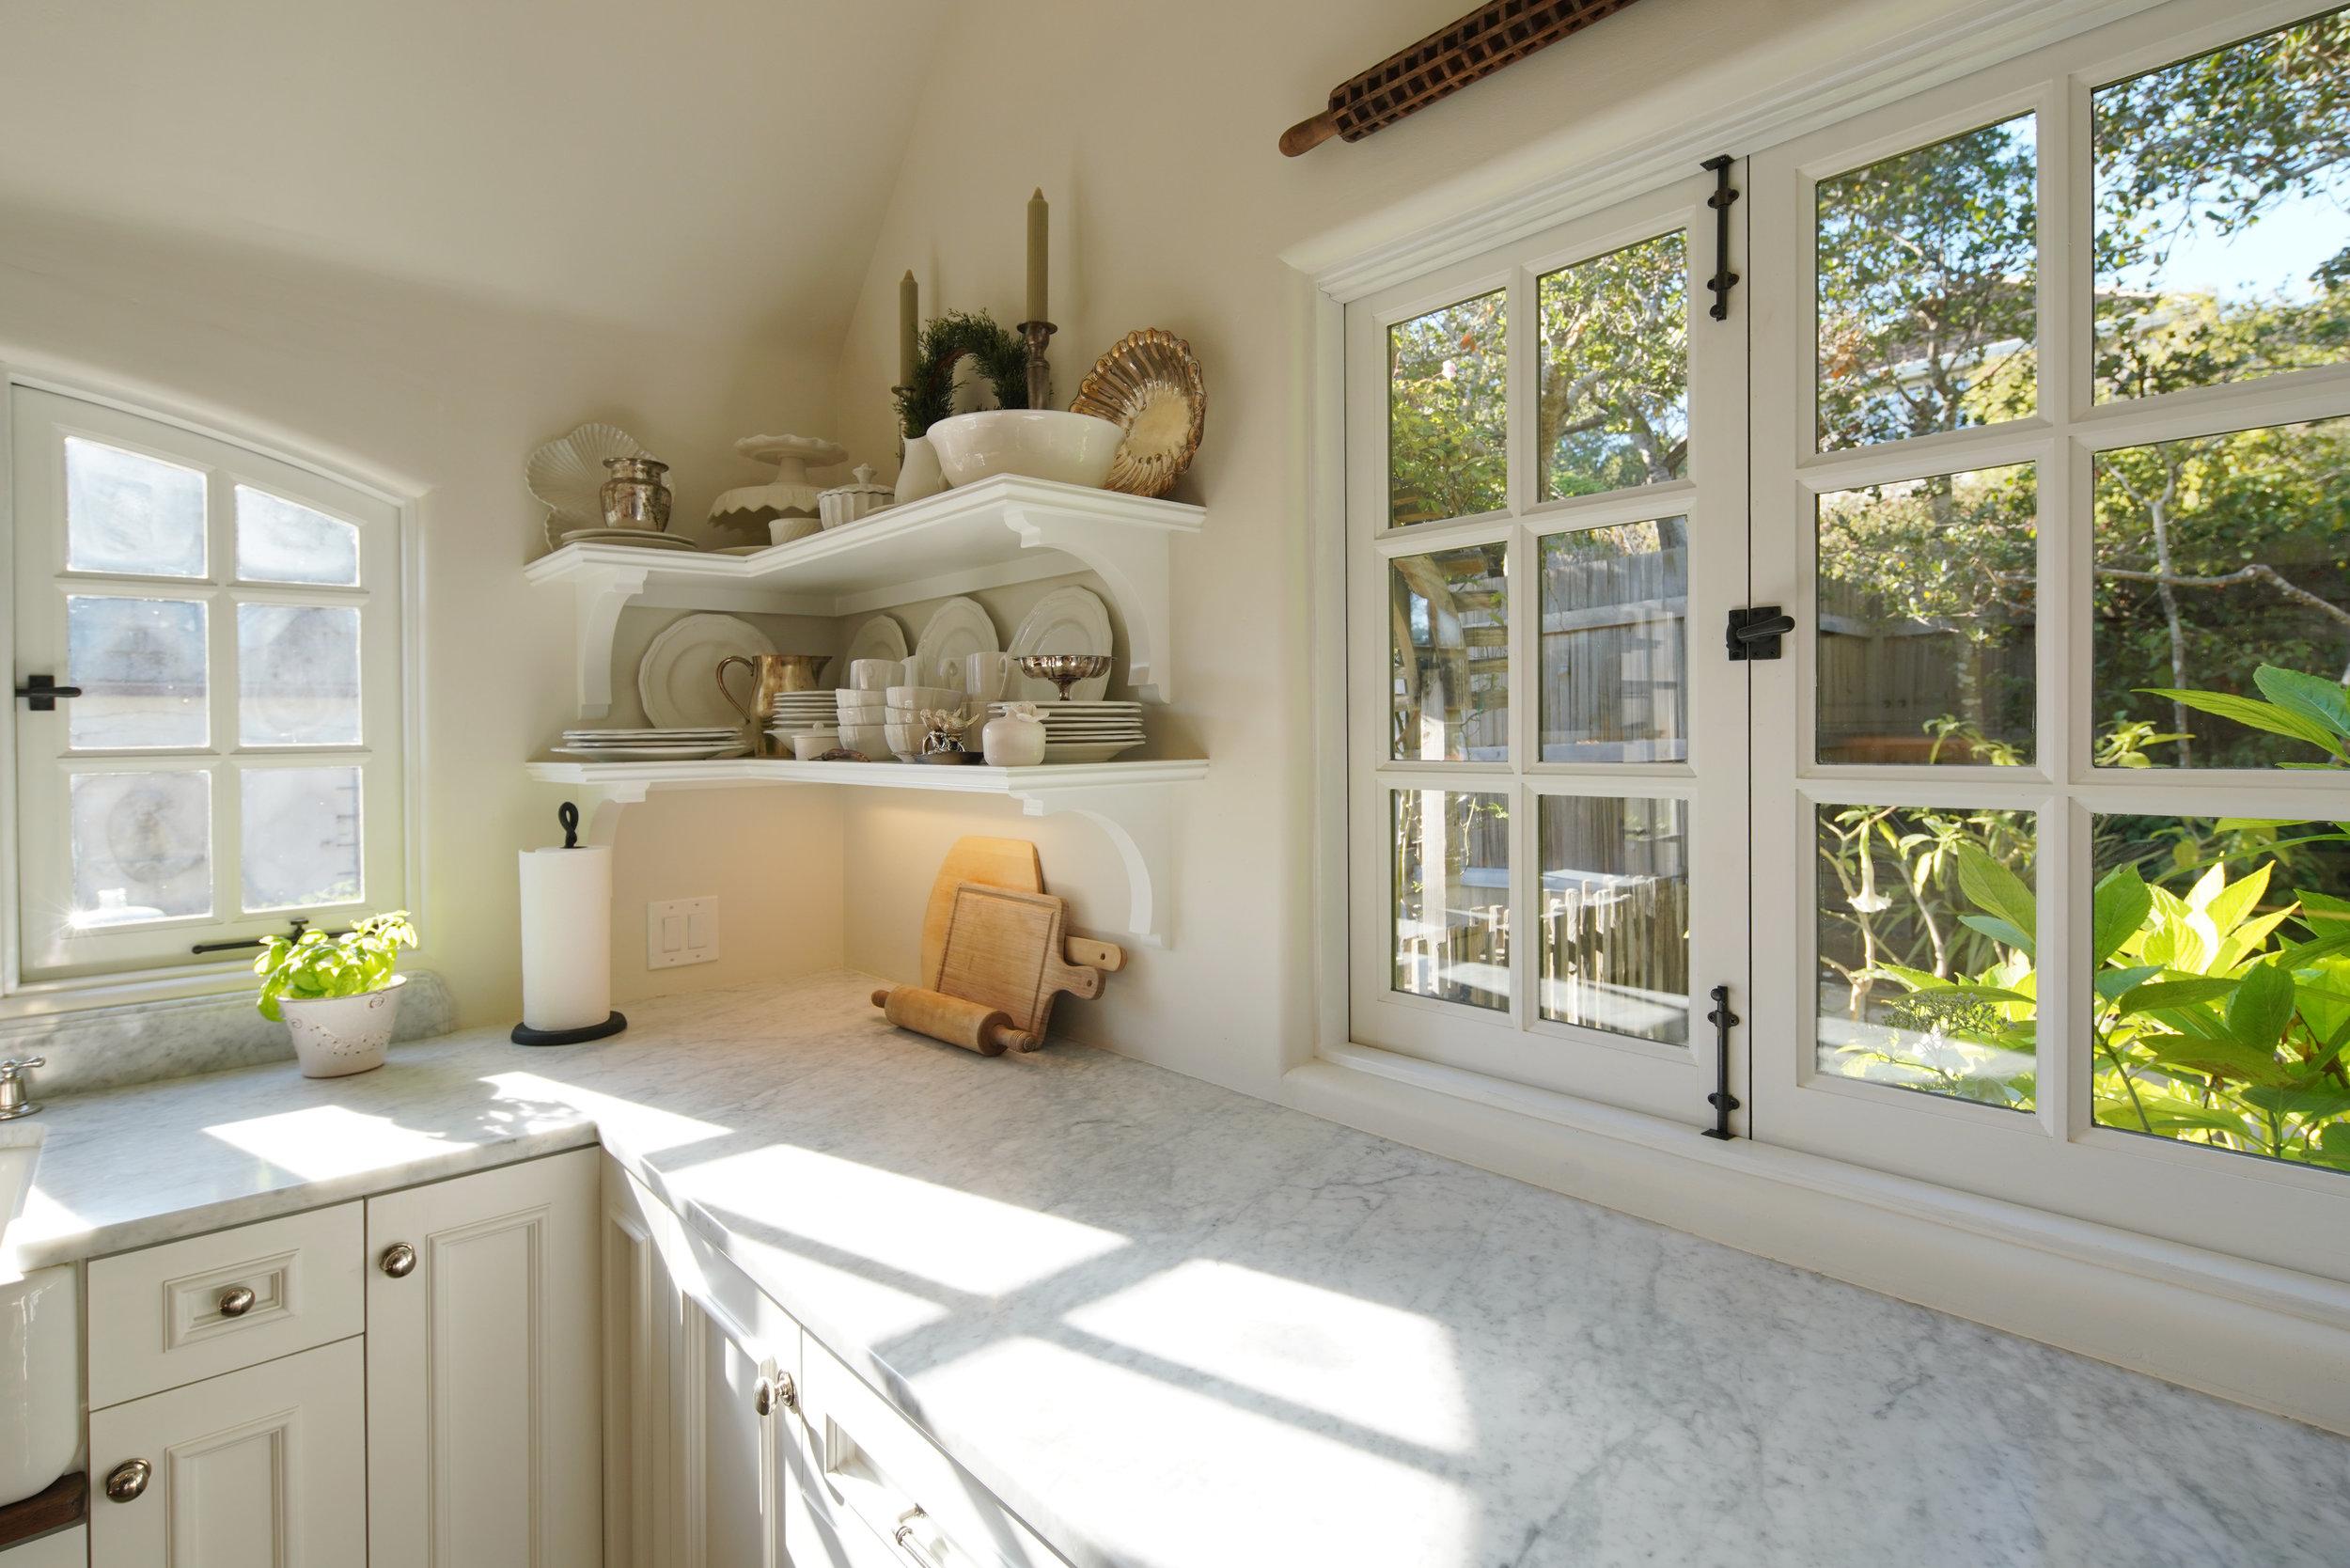 15 kitchen 4.jpg